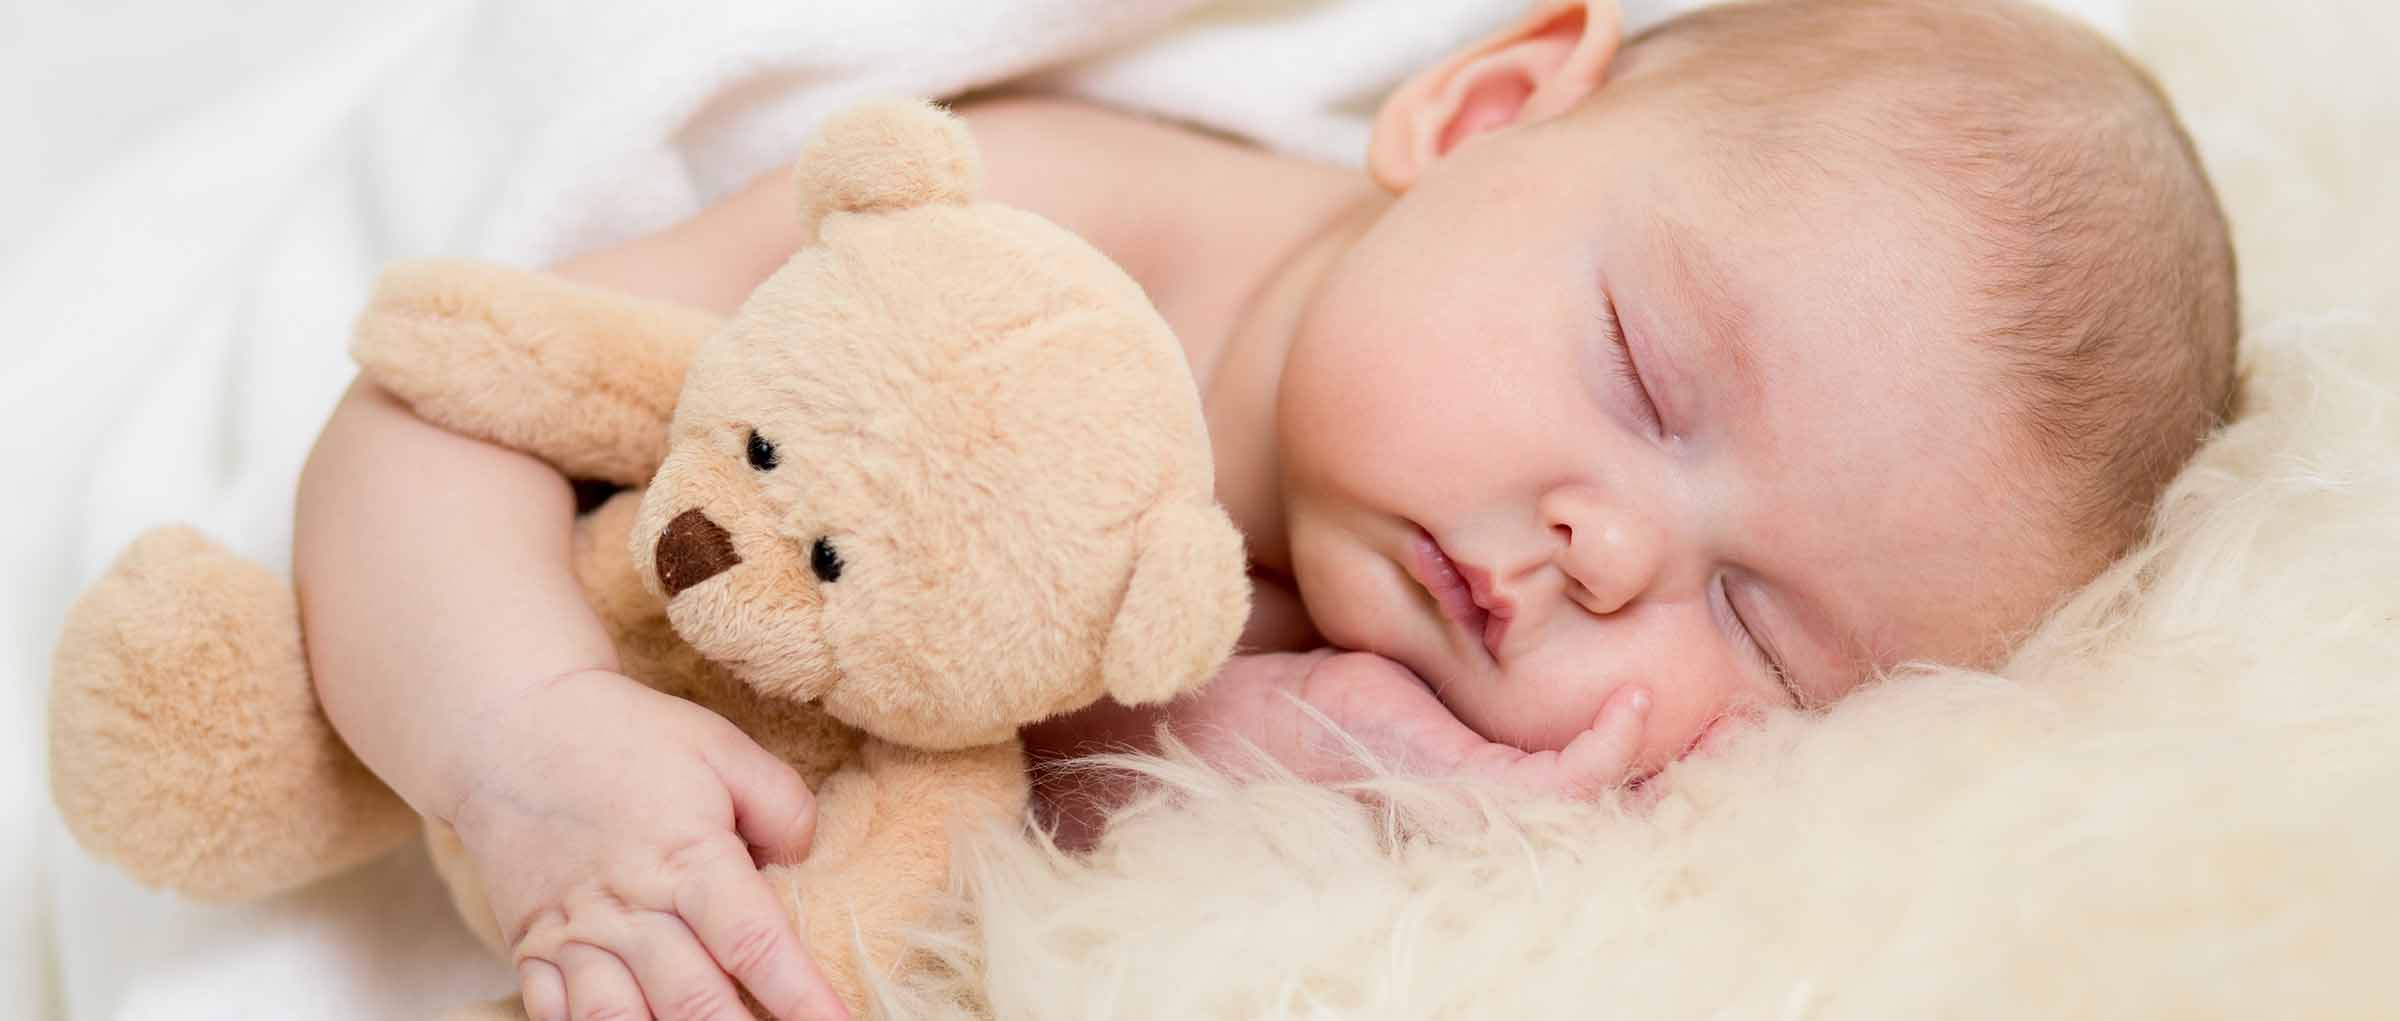 Importancia del sueño en el bebé